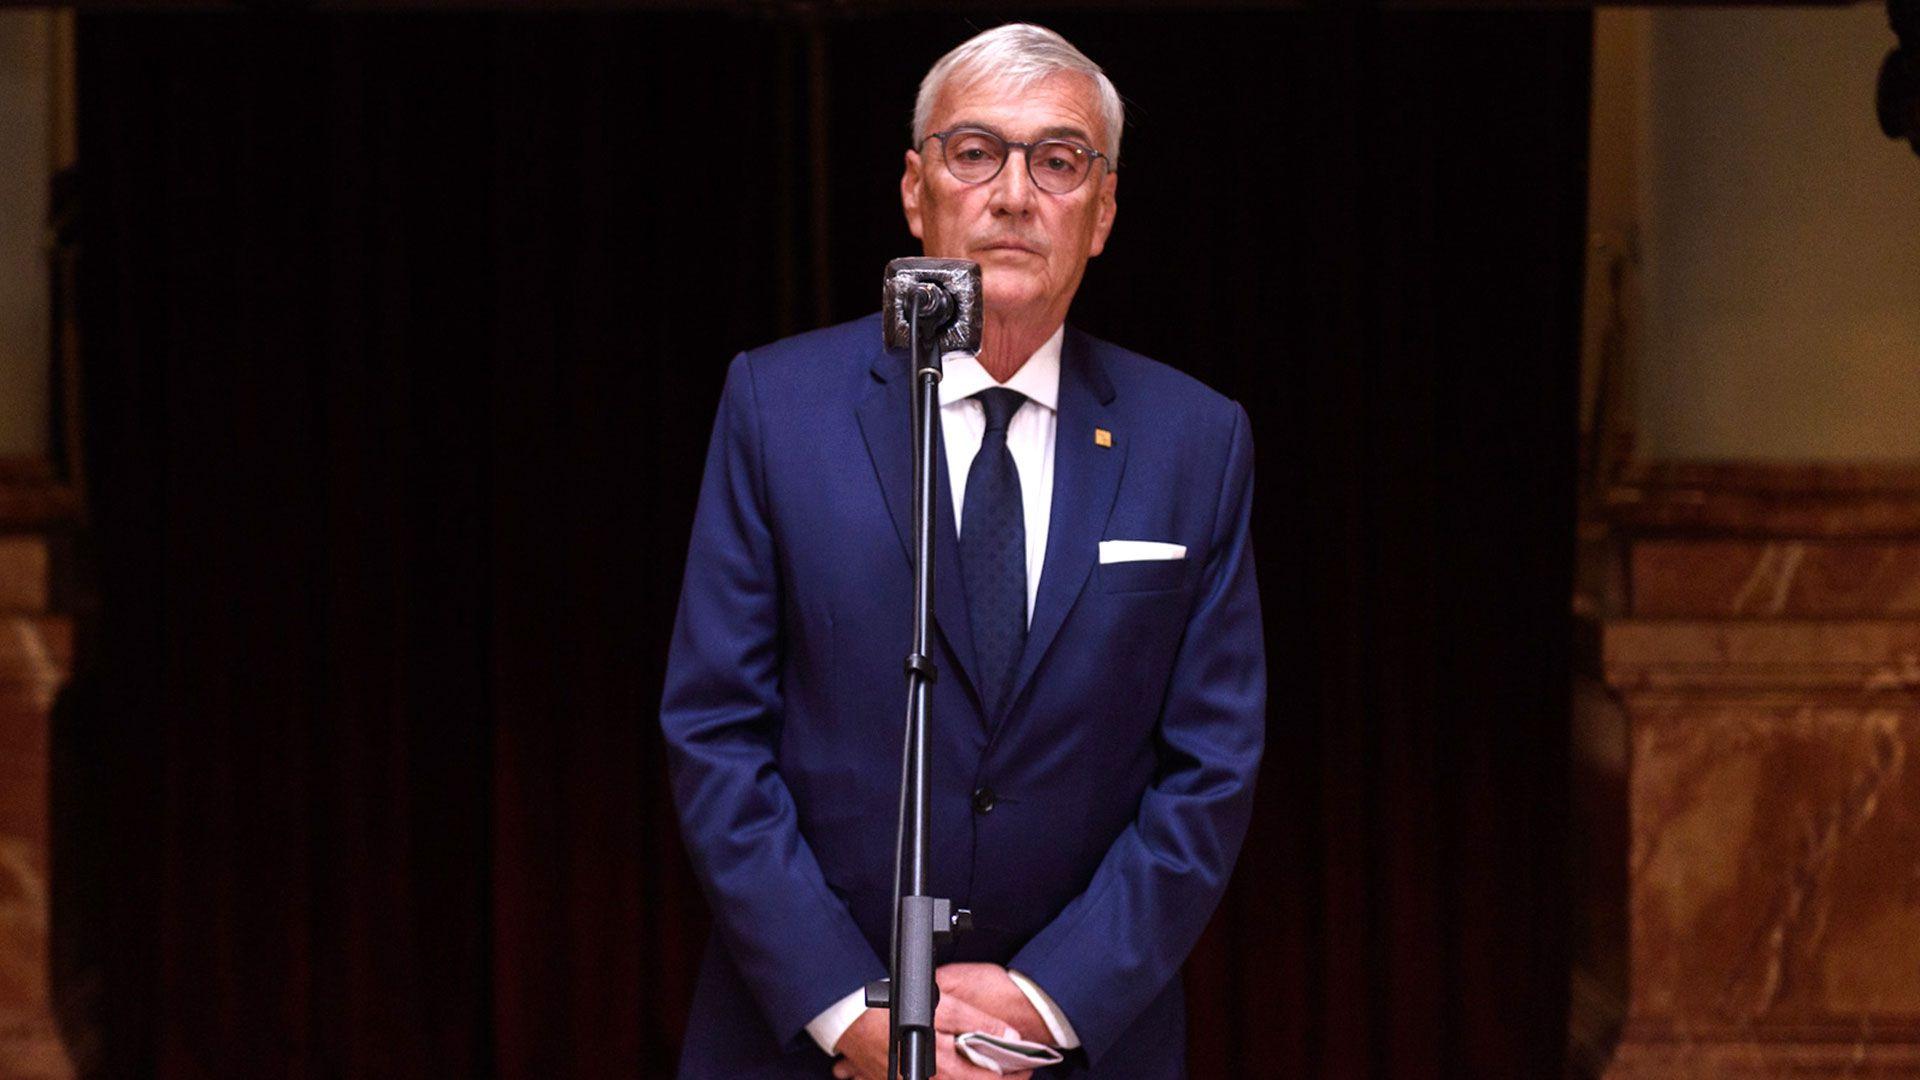 Alvaro-Gonzalez-presidente-diputados-impuesto-a-la-riqueza